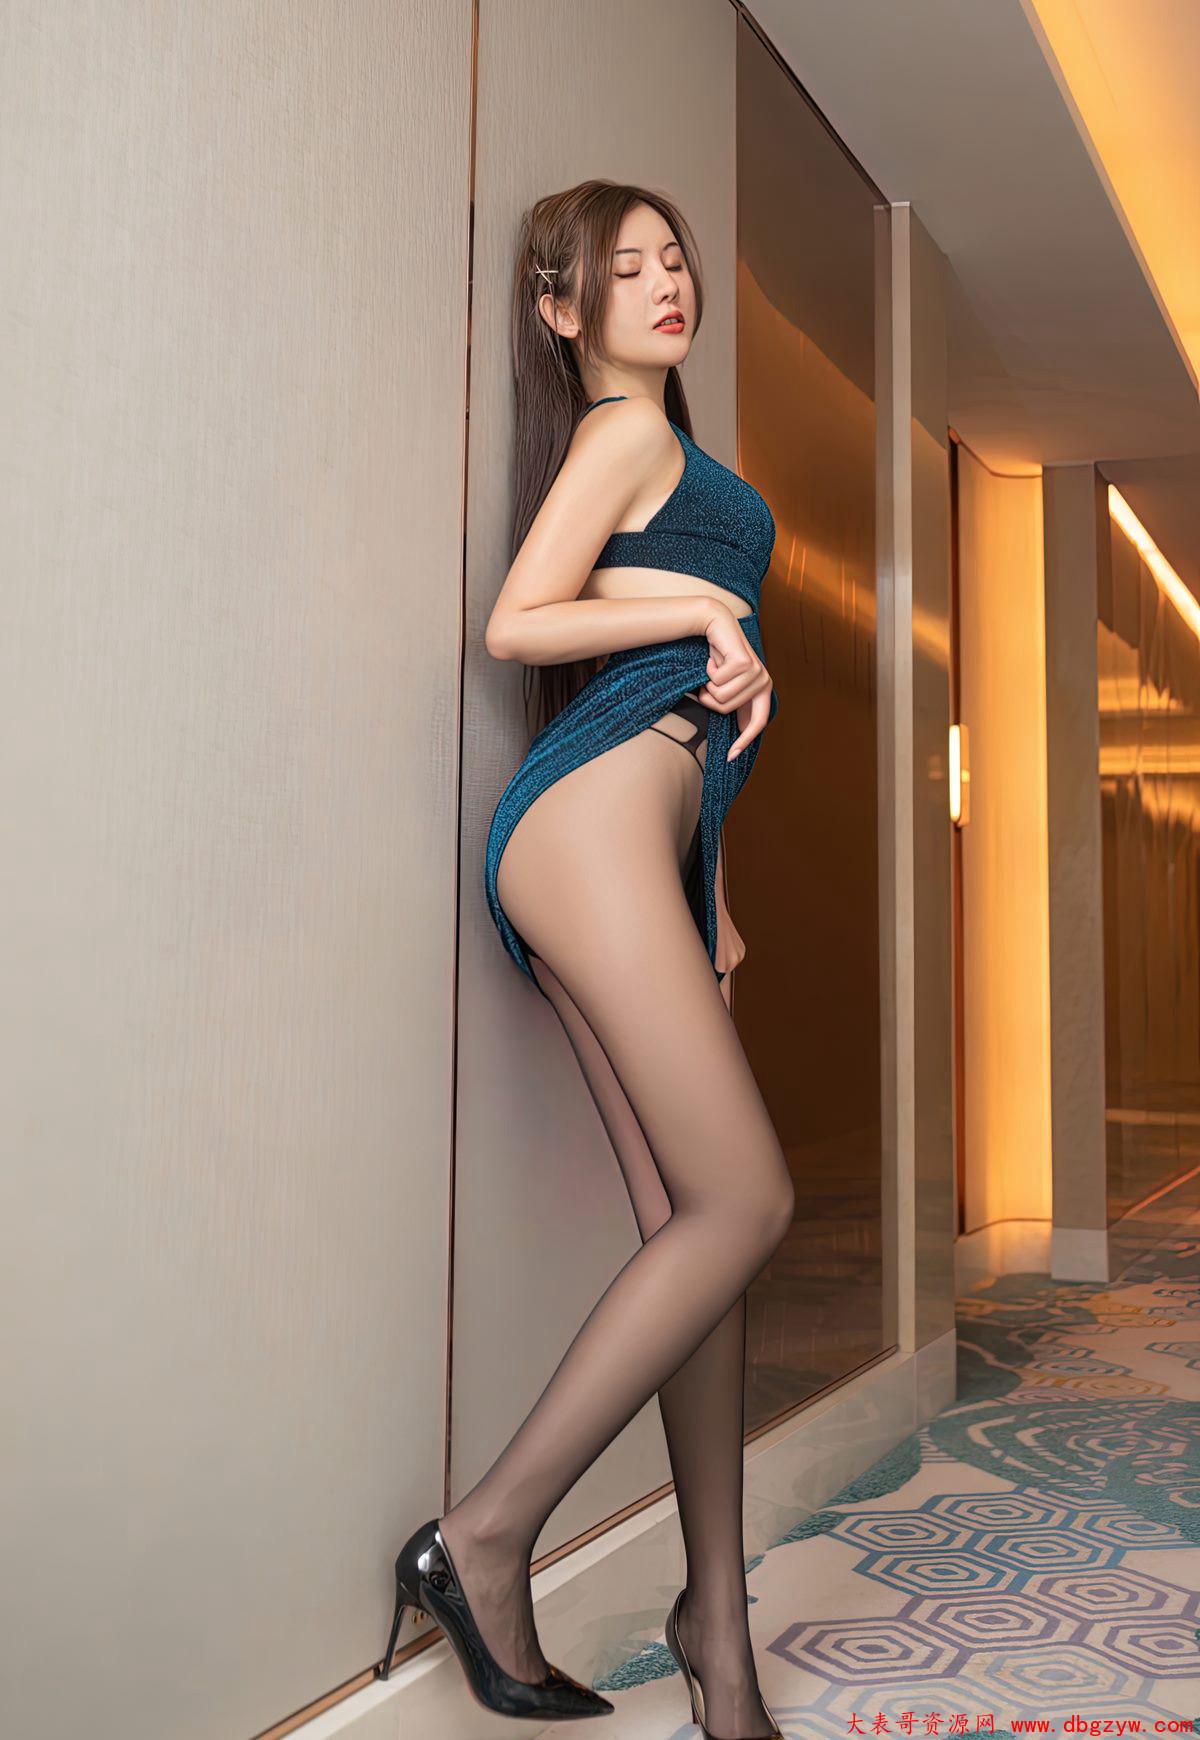 高颜值黑丝无内极品美腿玉足高清美臀美女